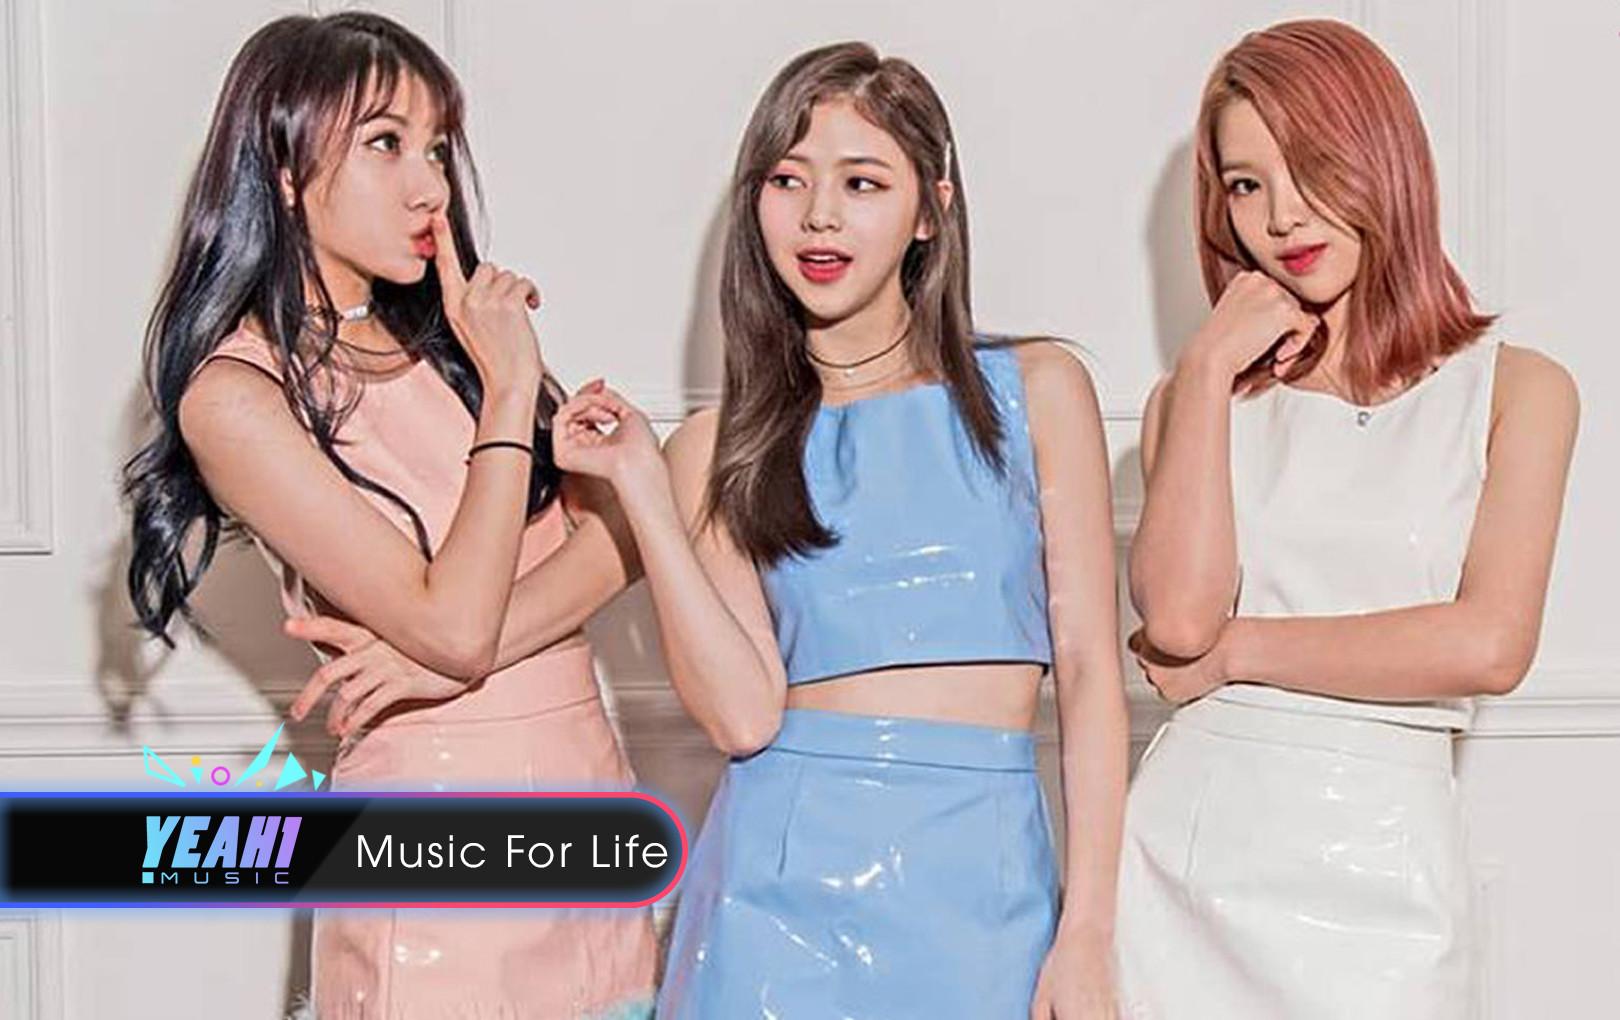 Lime trở lại bất ngờ với MV 'I'm Your Fan' nhí nhảnh và siêu đáng yêu nhưng không kém phần ý nghĩa